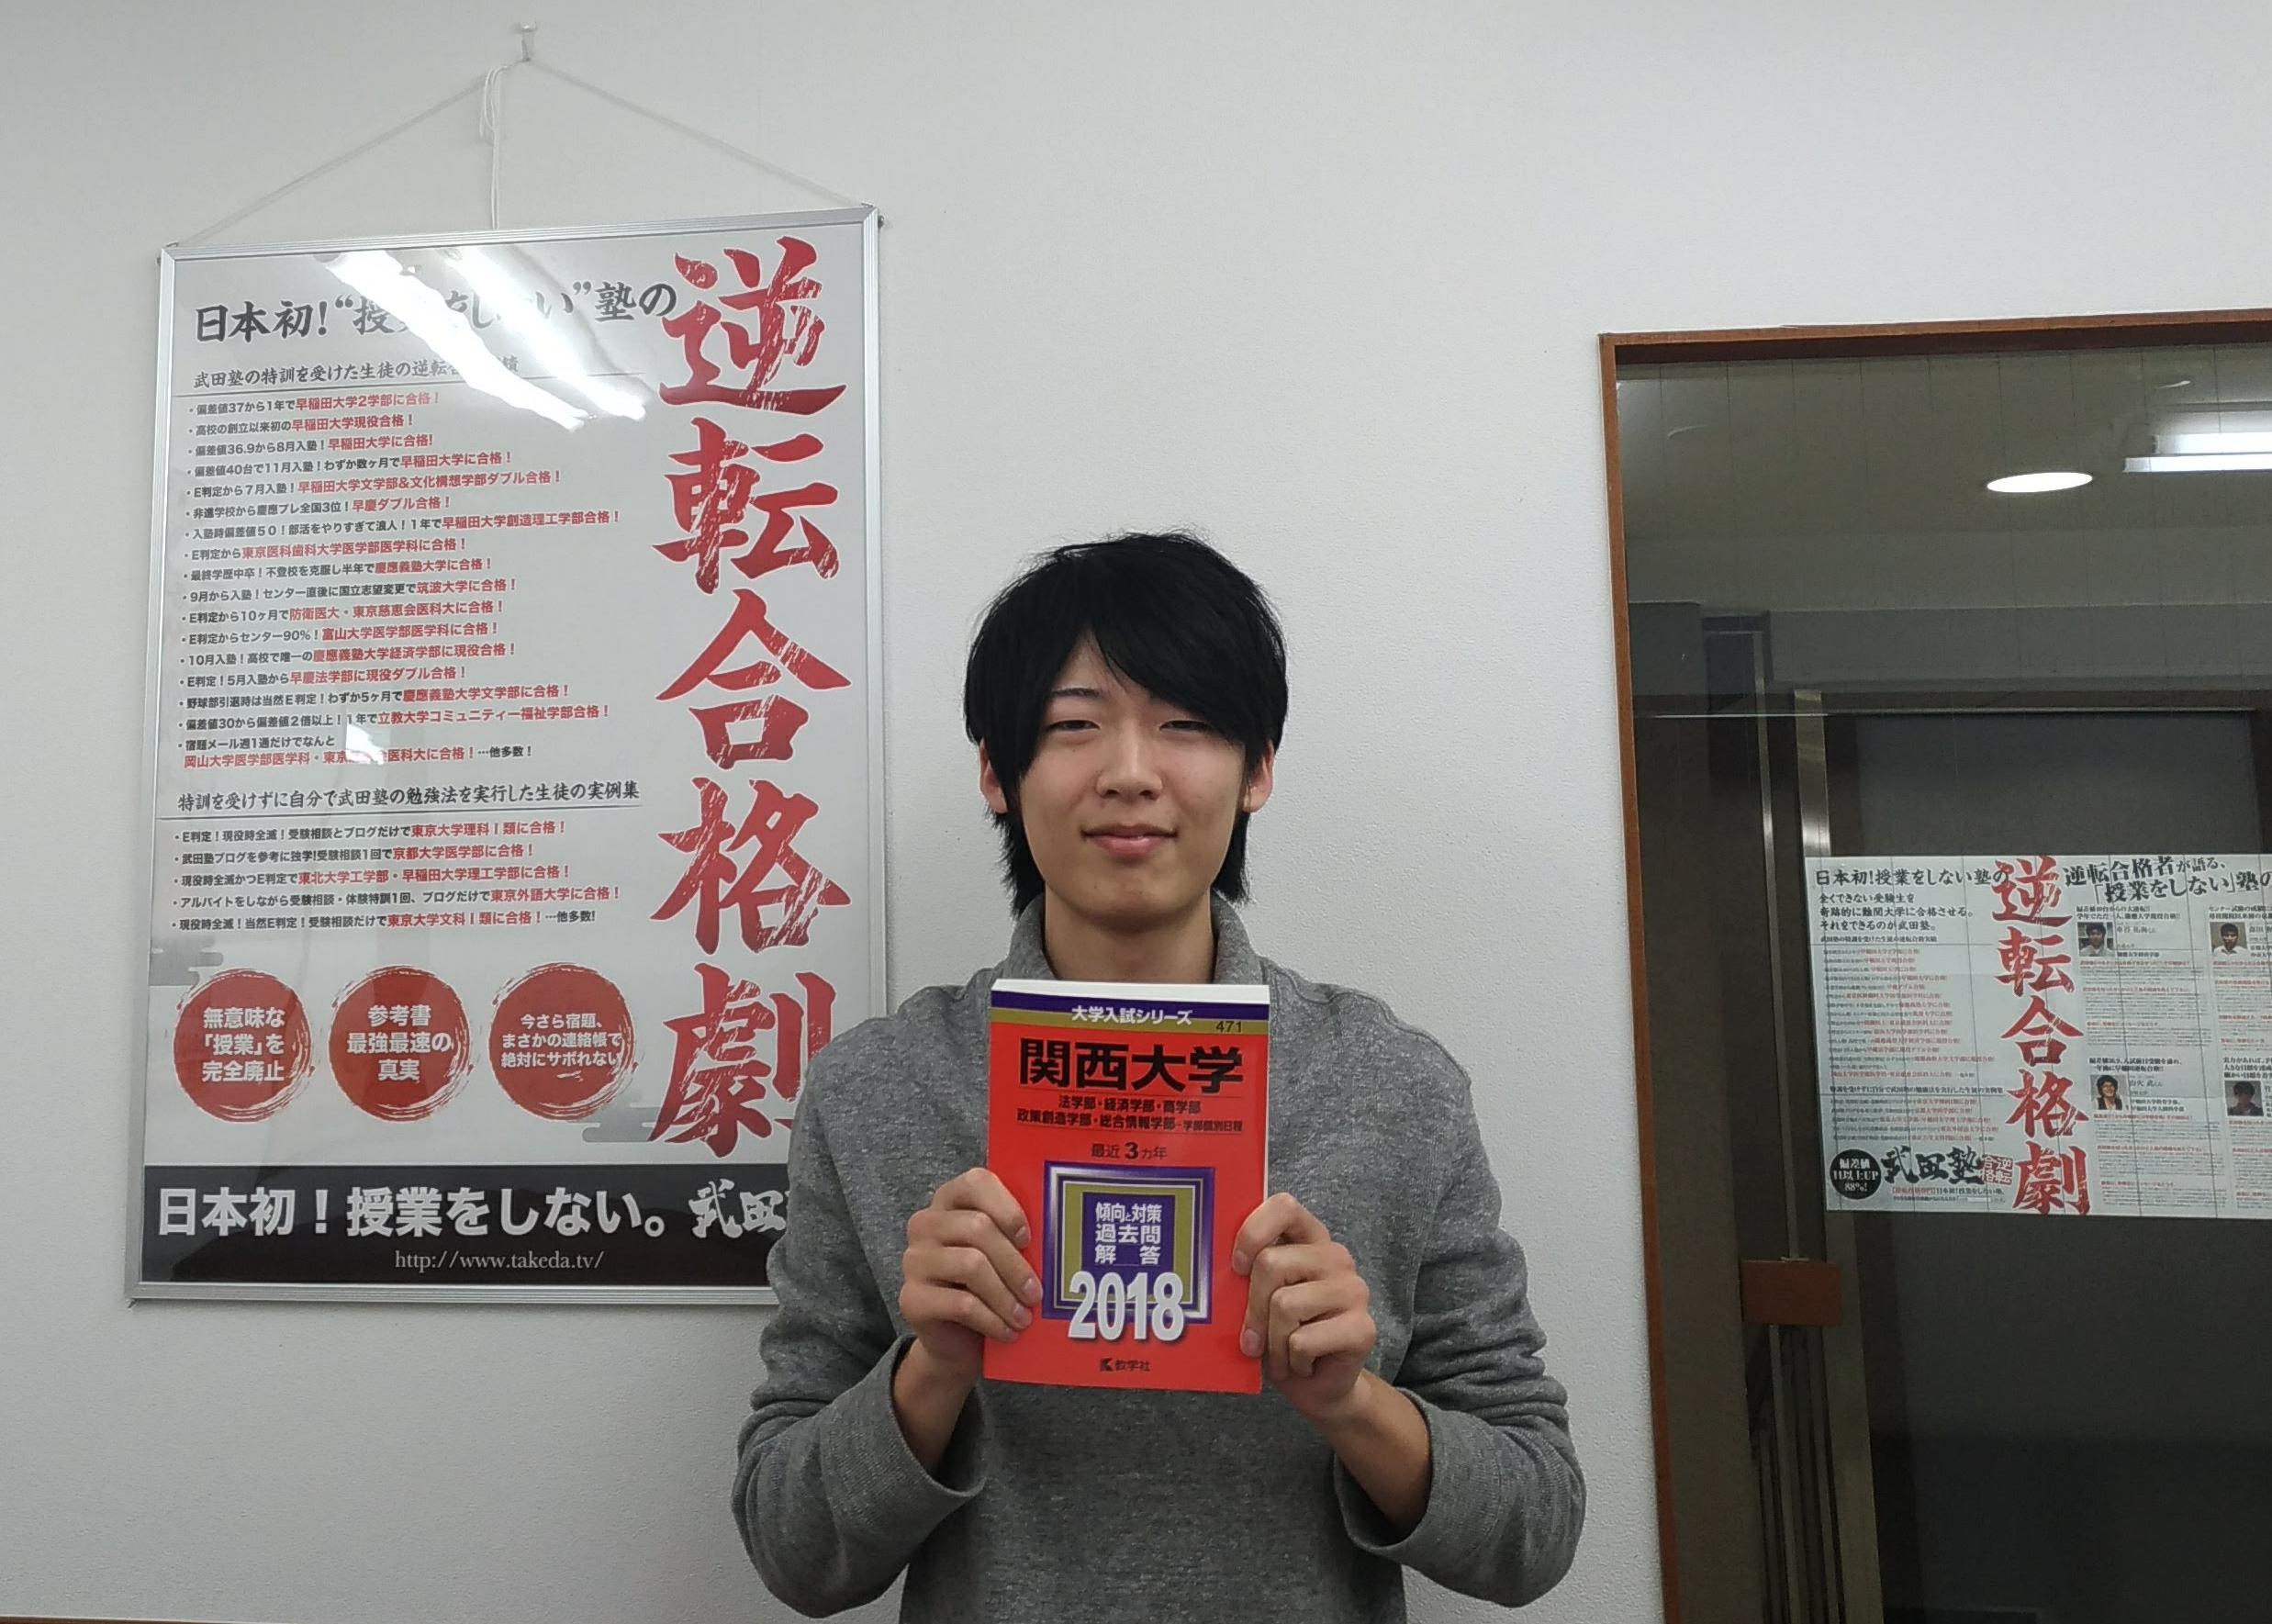 11月入塾偏差値40台から3カ月で関西大学に逆転合格!